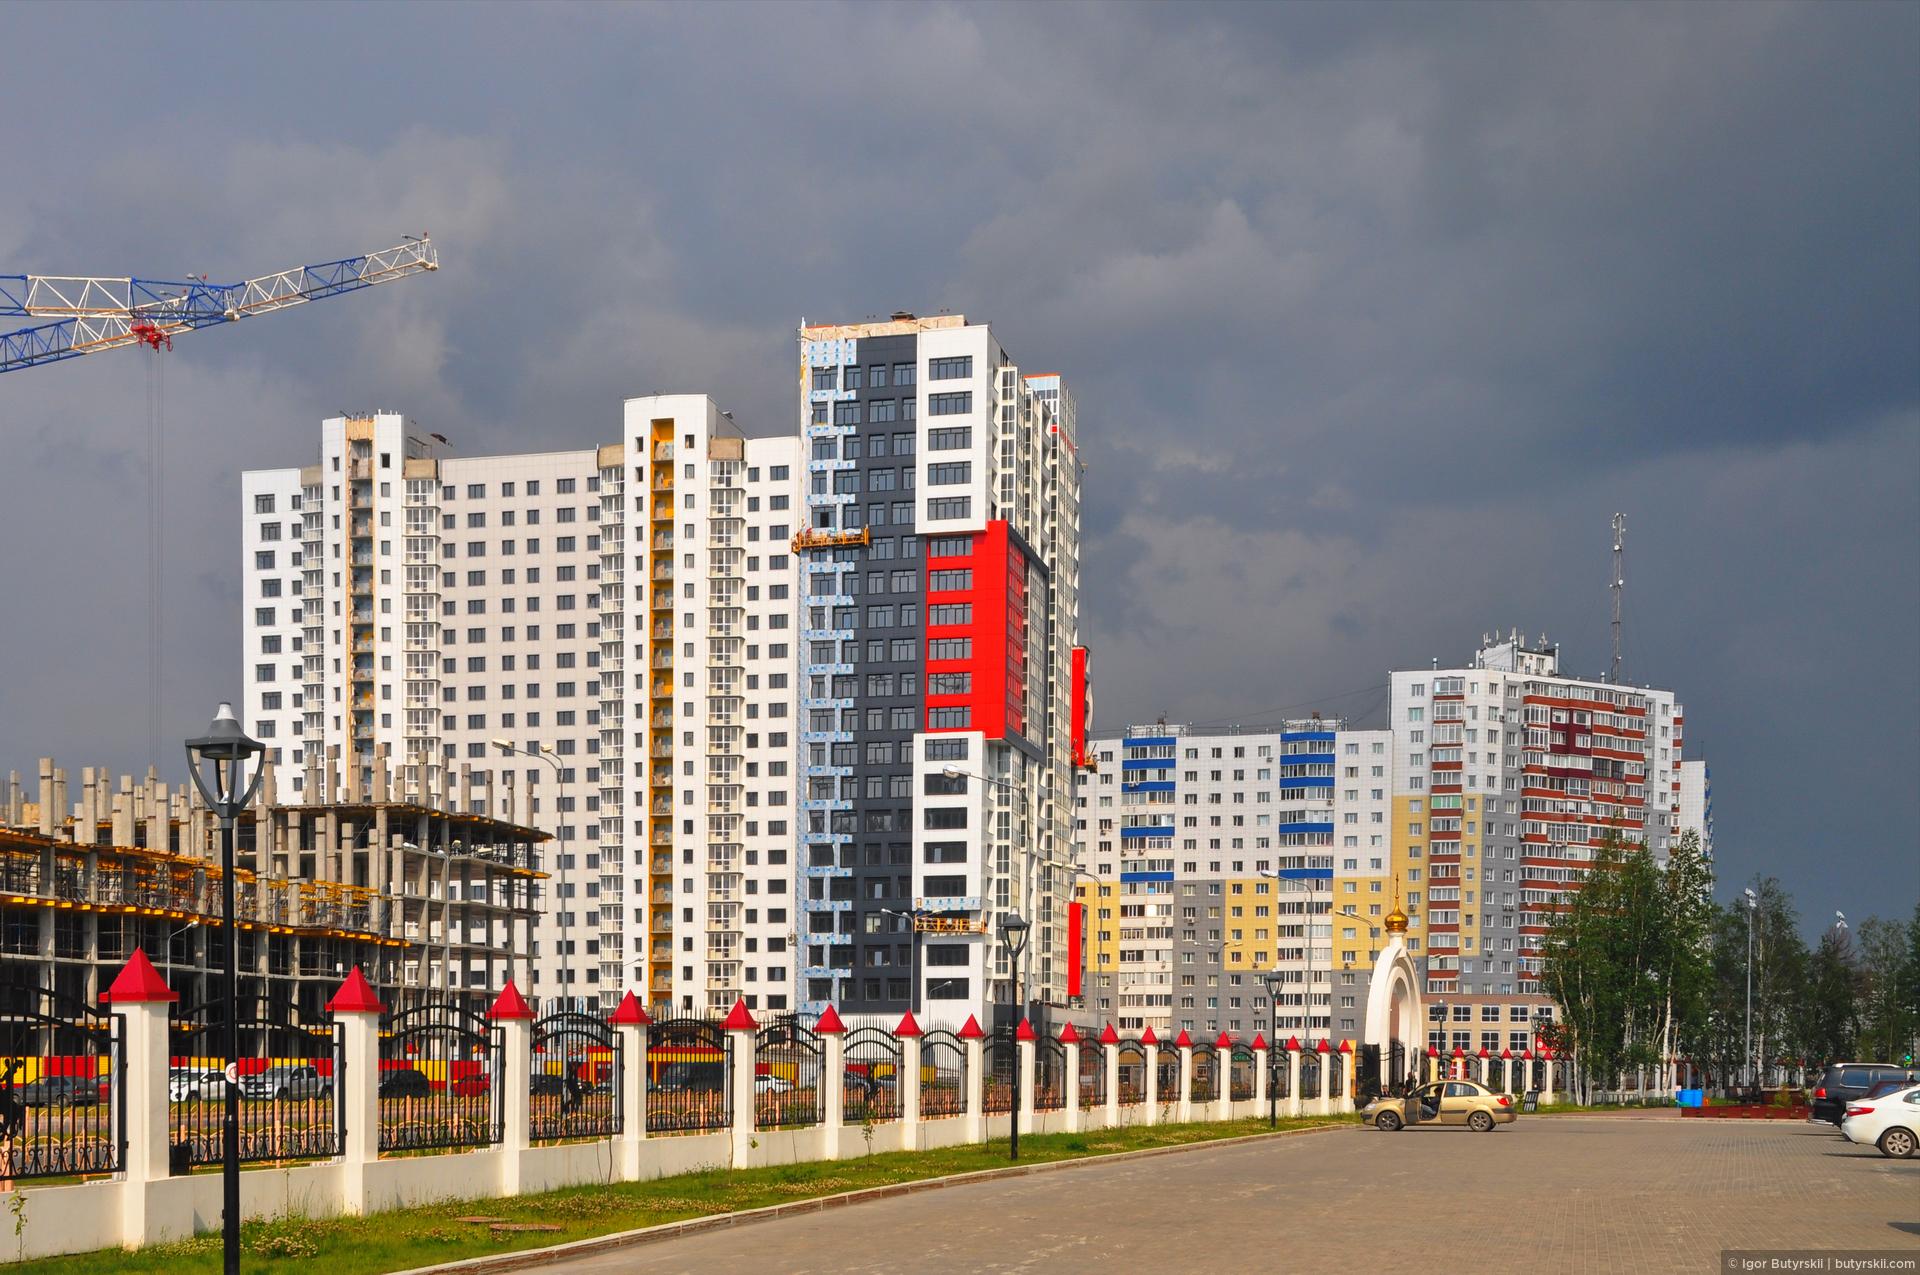 01. По уровню и высотности строительства Сургут на несколько голов выше всех аналогичных городов (по населению), даже намного выше, например, Челябинска, который в 3 раза больше по населению., Сургут